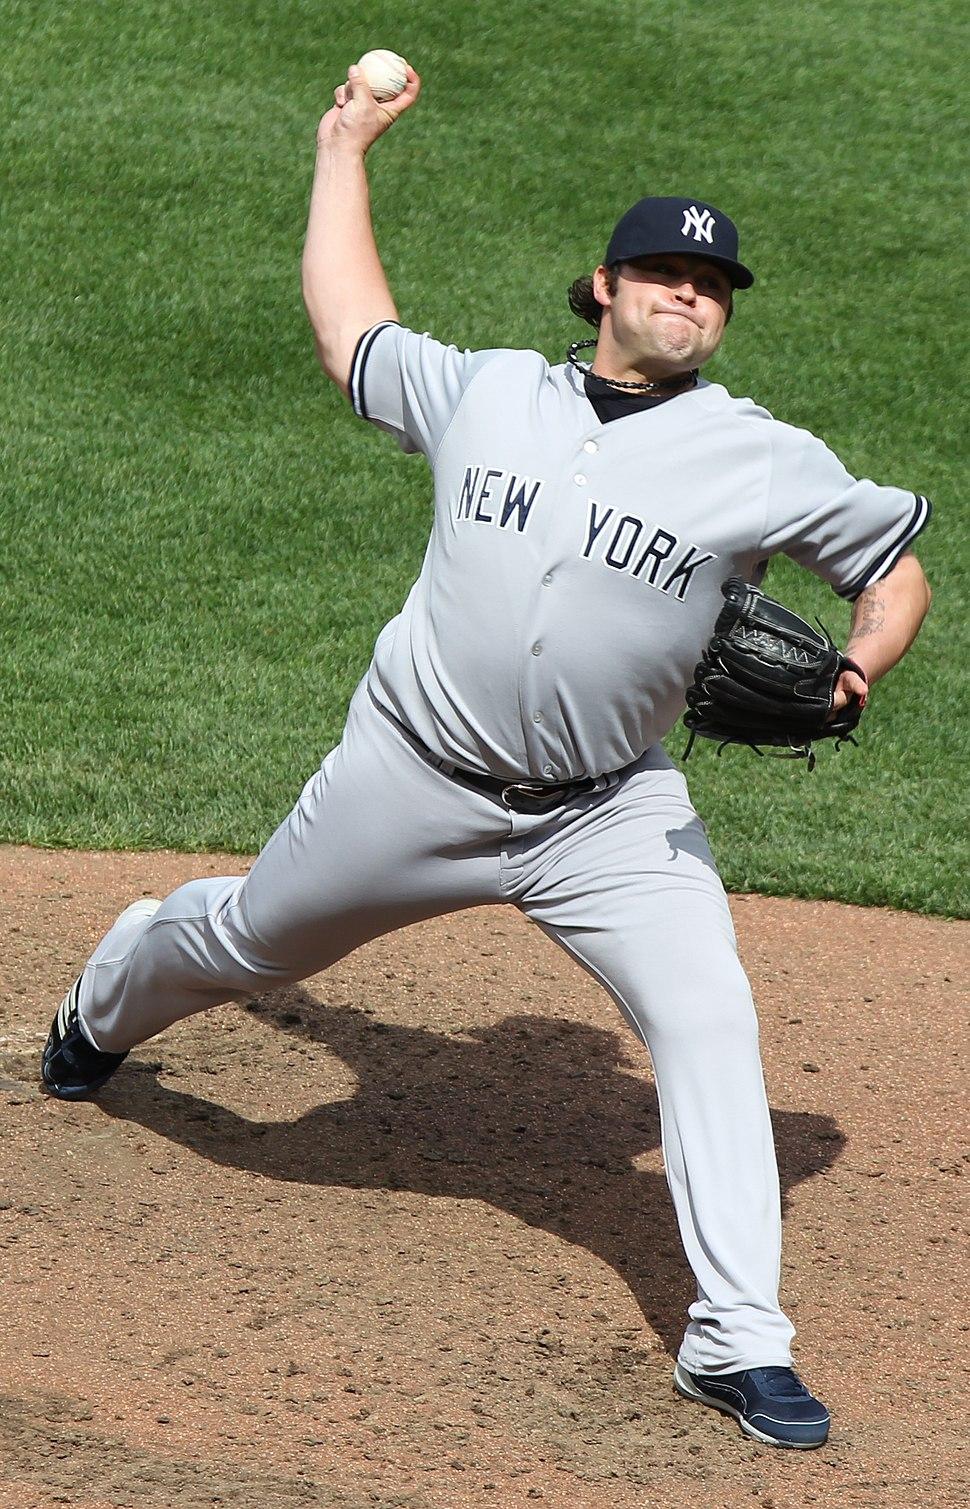 Joba Chamberlain pitching 2011